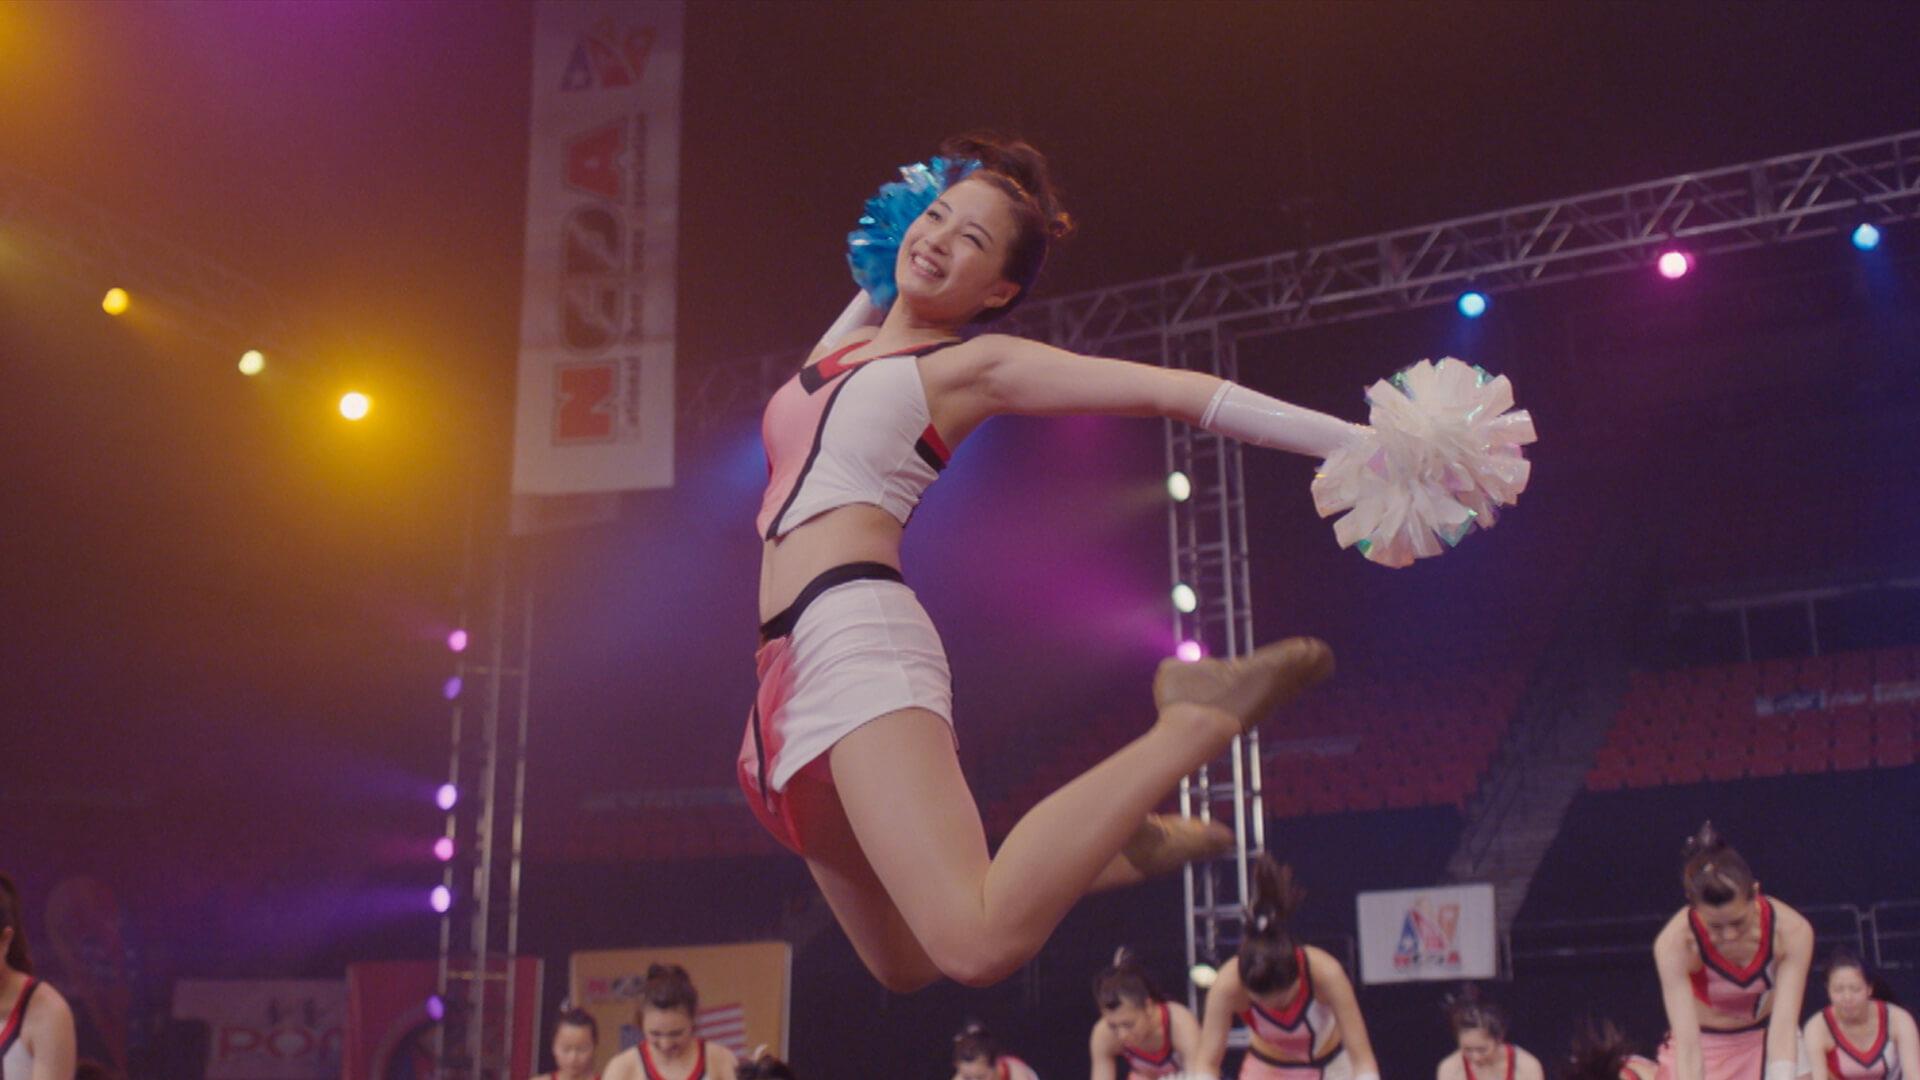 映画 チア☆ダン ~女子高生がチアダンスで全米制覇しちゃったホントの話~ 予告編